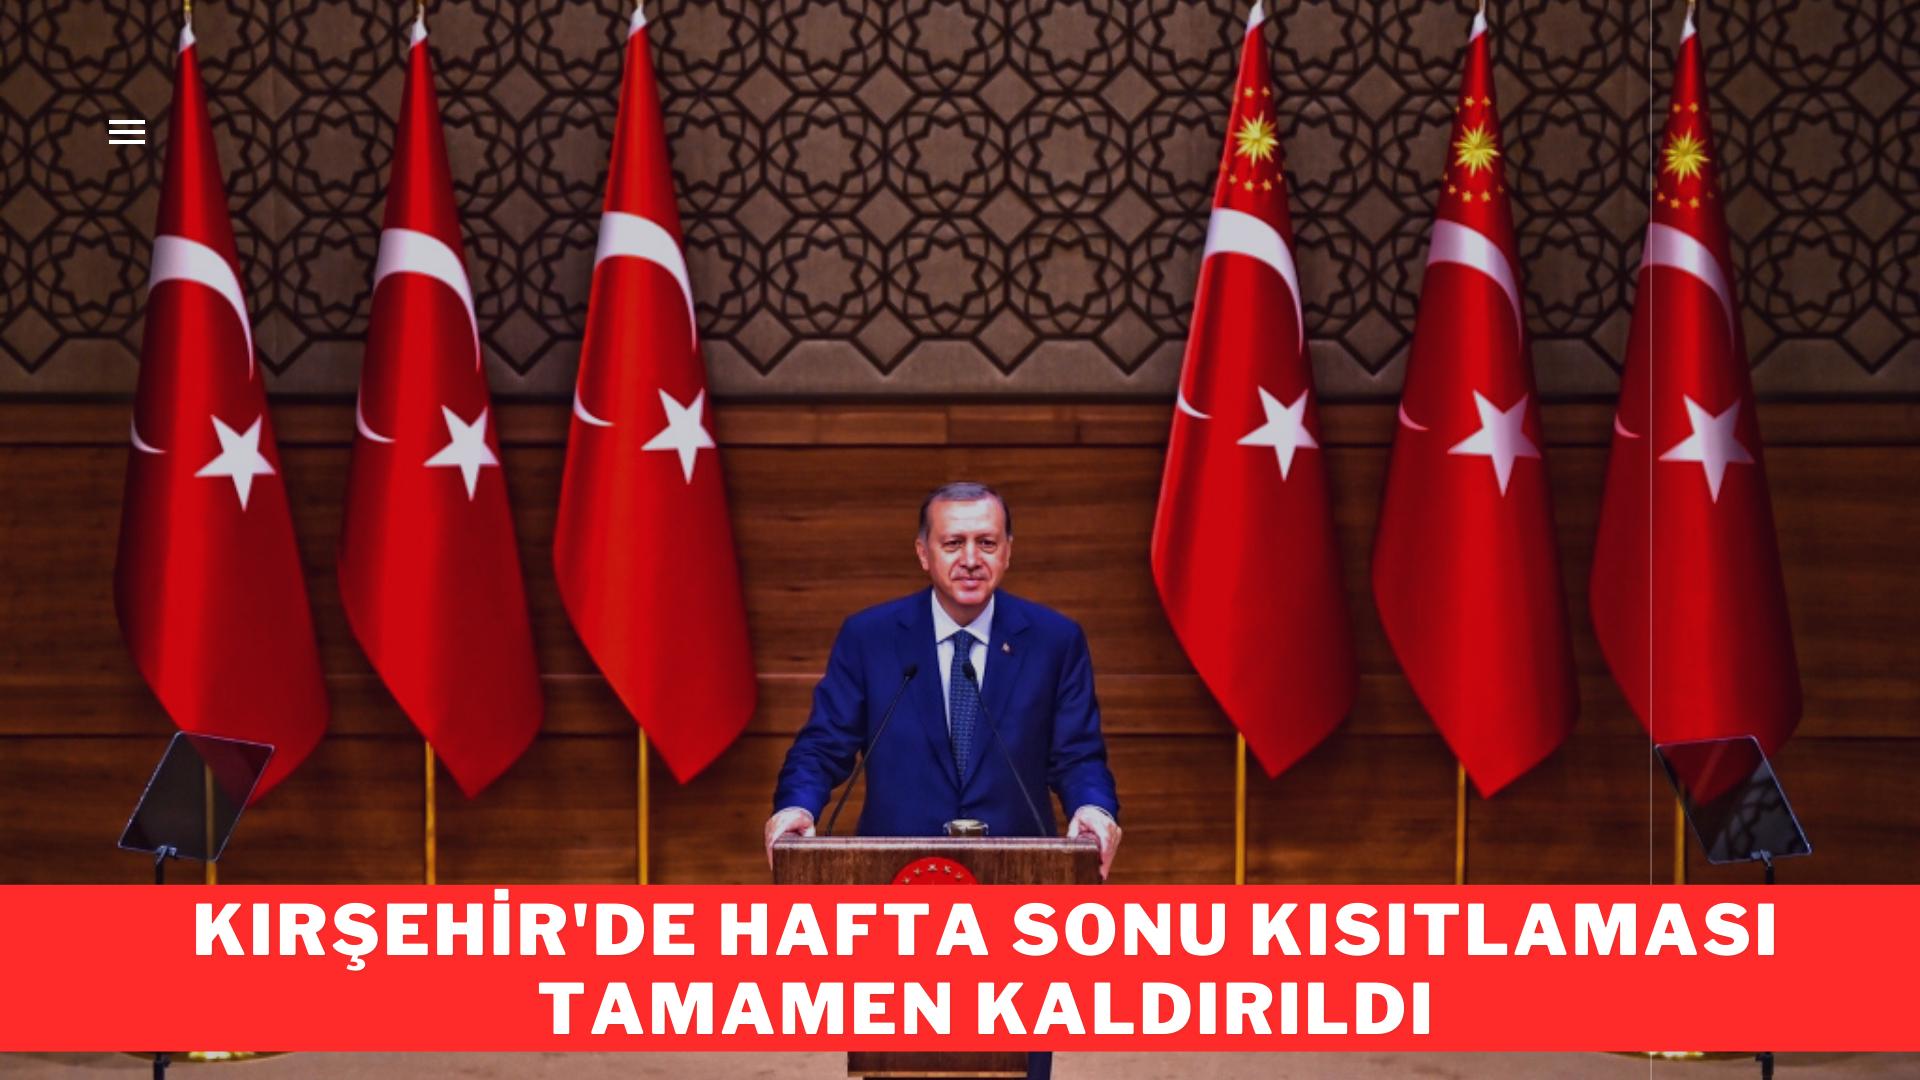 Kırşehir'de sokağa çıkma kısıtlaması tamamen kaldırıldı